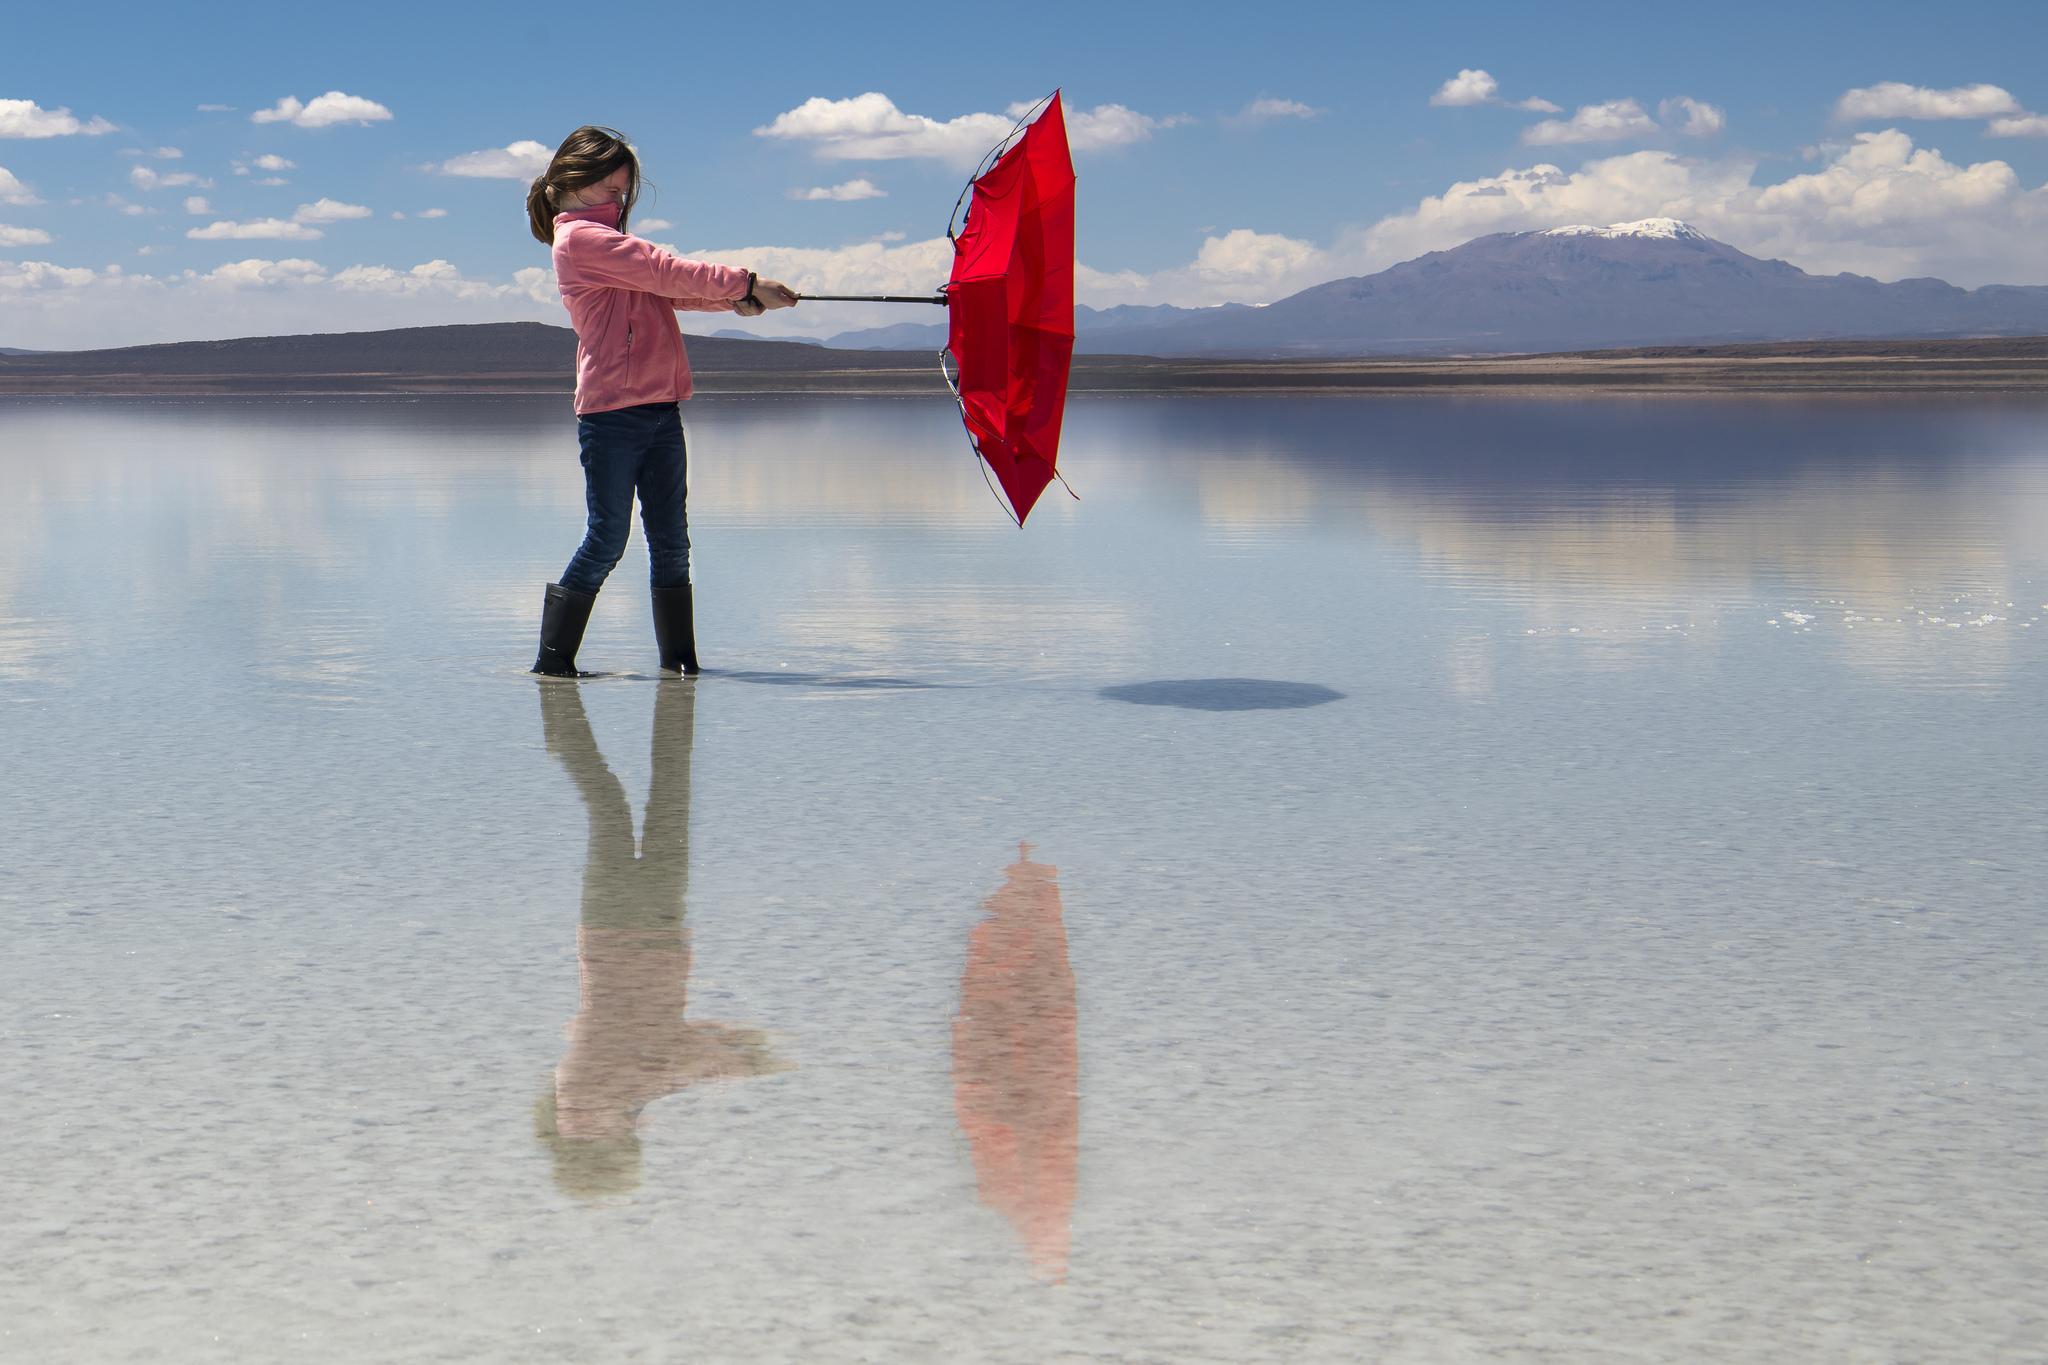 Mirror Image - Salar de Uyuni (Bolivia)